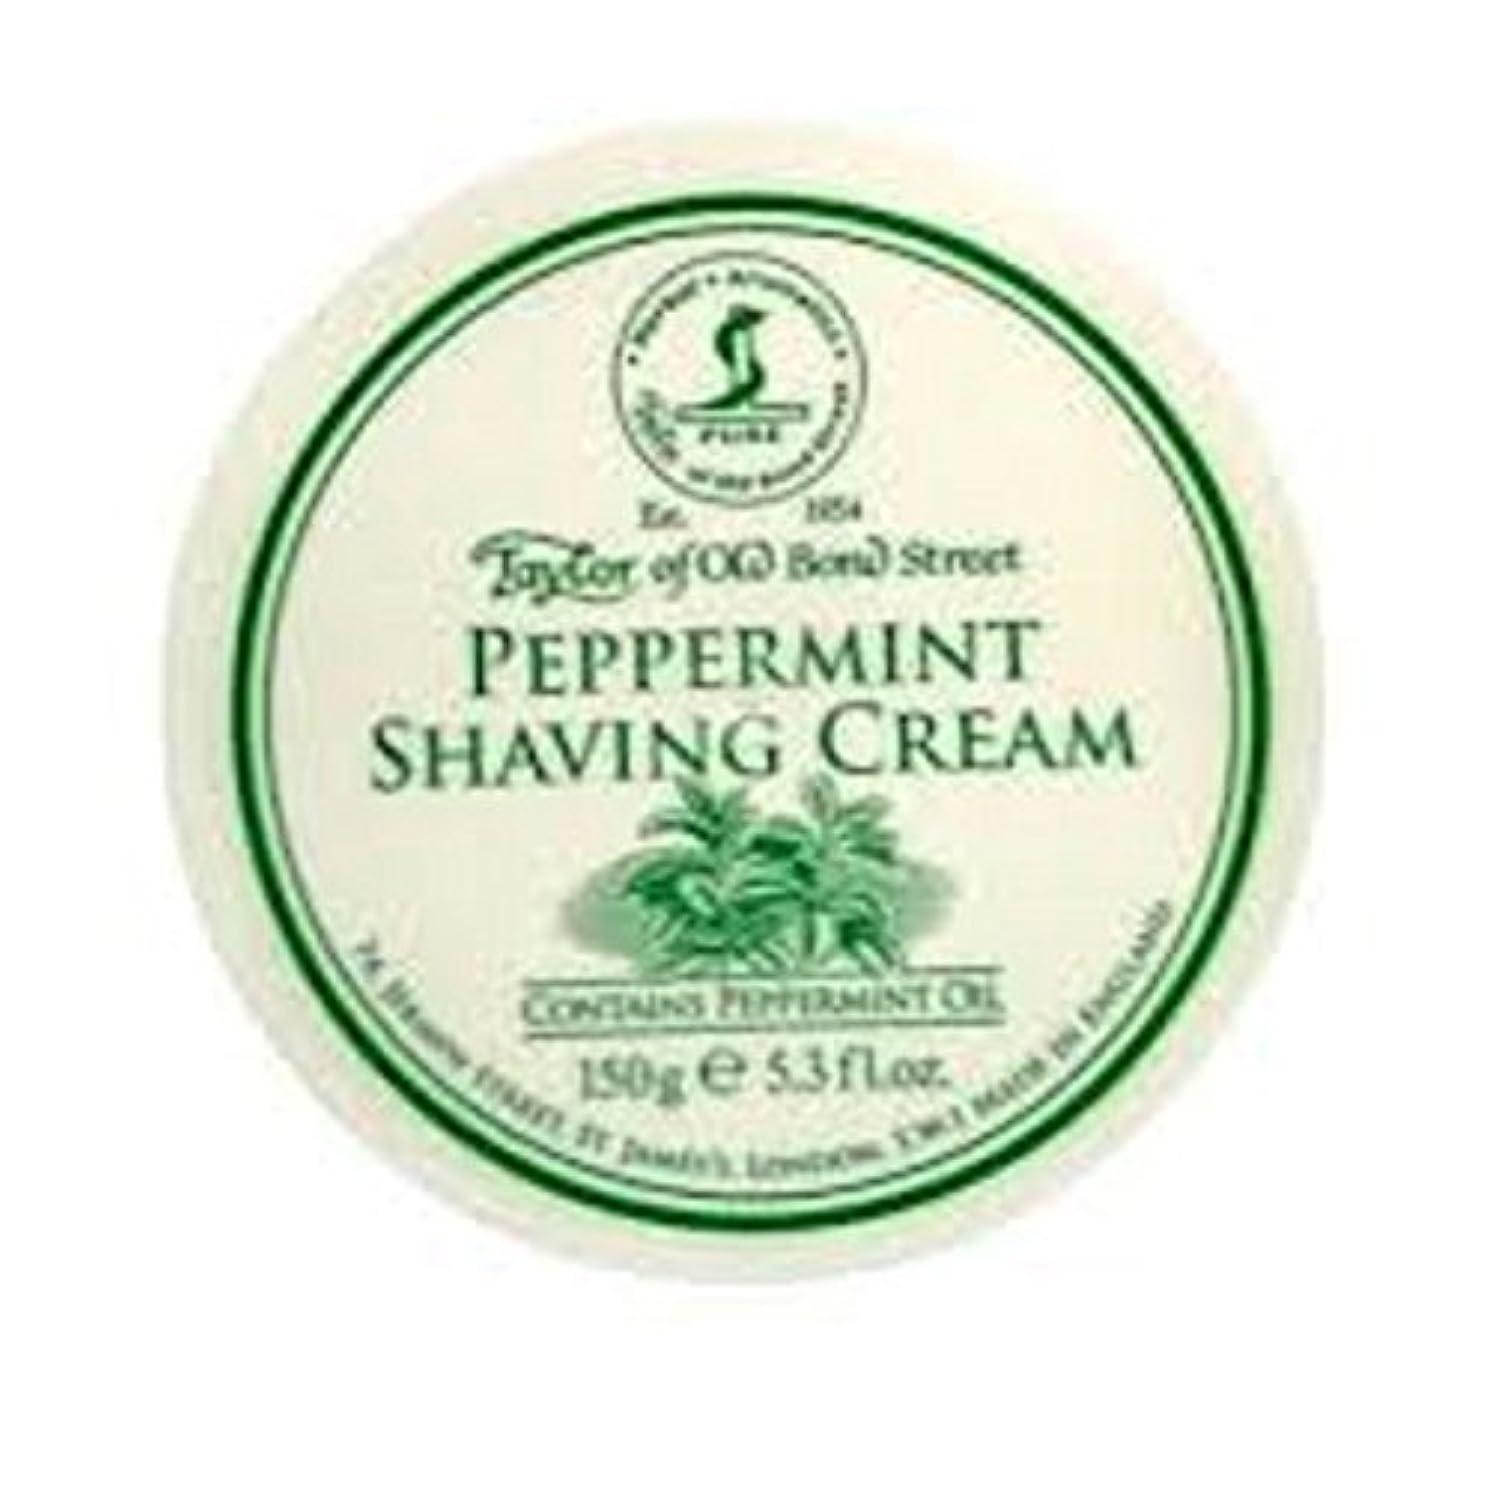 有毒なブルジョン幸運なTaylors of Old Bond Street 150g Traditional Shaving Cream Tub (Peppermint) by Taylor of Old Bond Street